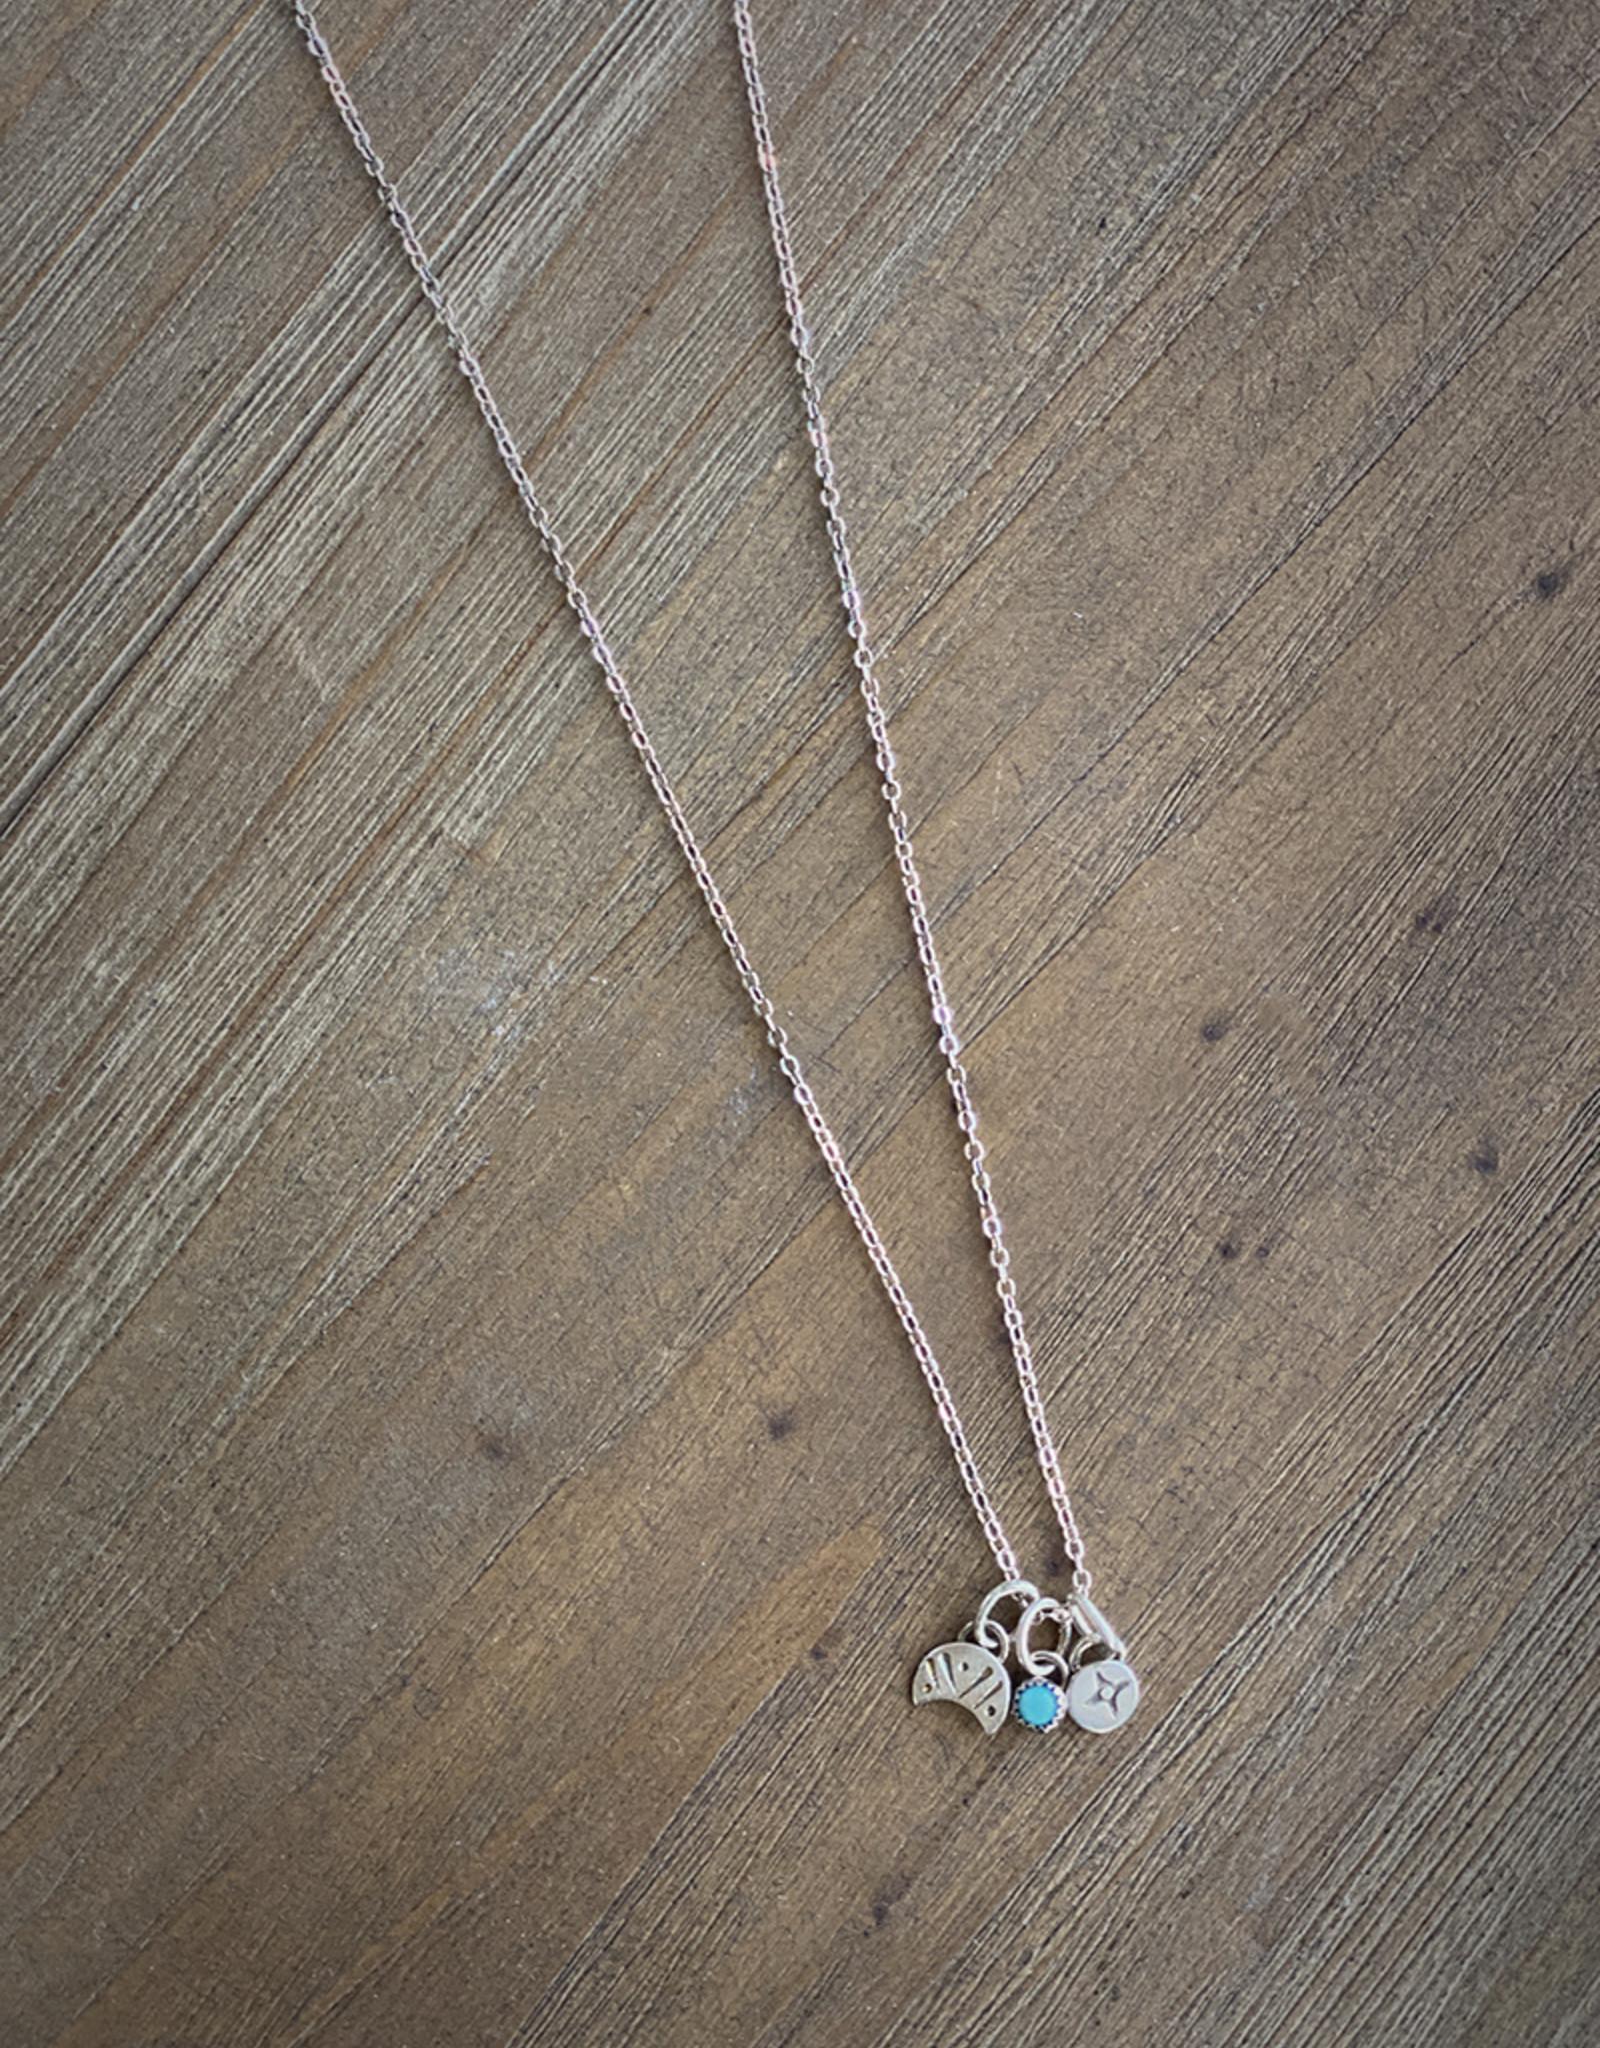 sara forrest design Sterling Silver Charm Necklace